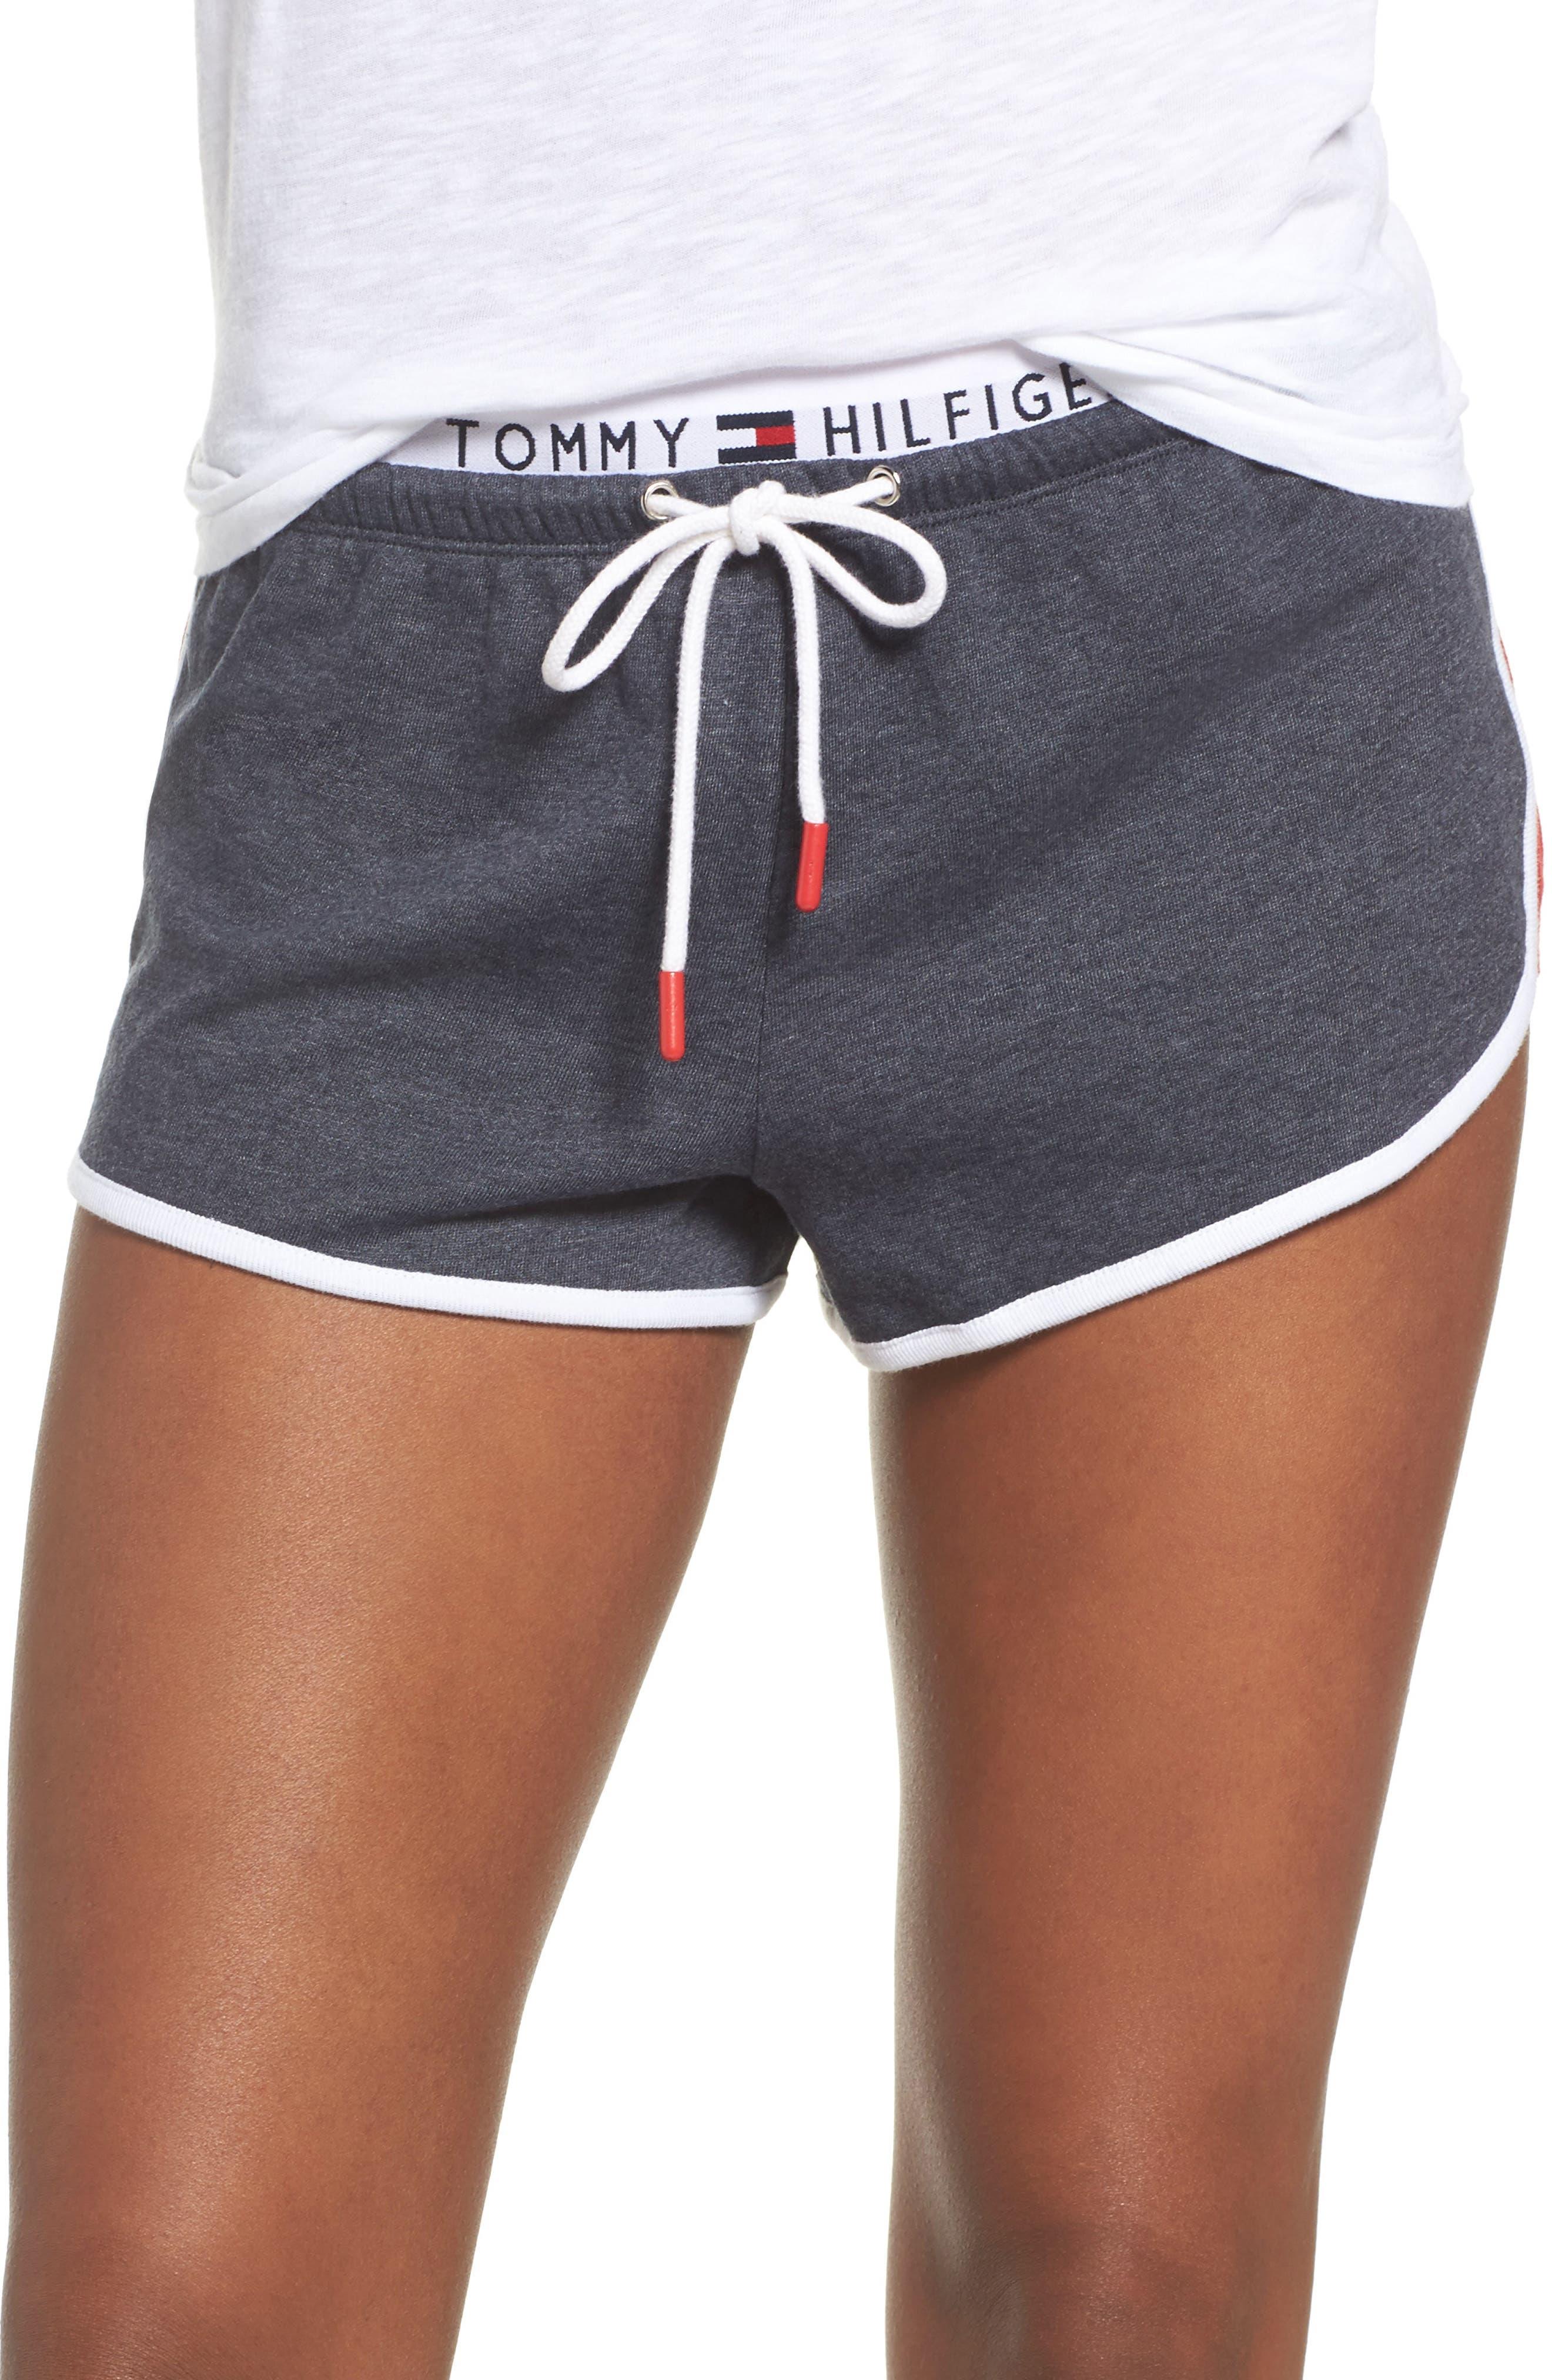 TH Retro Shorts,                             Main thumbnail 2, color,